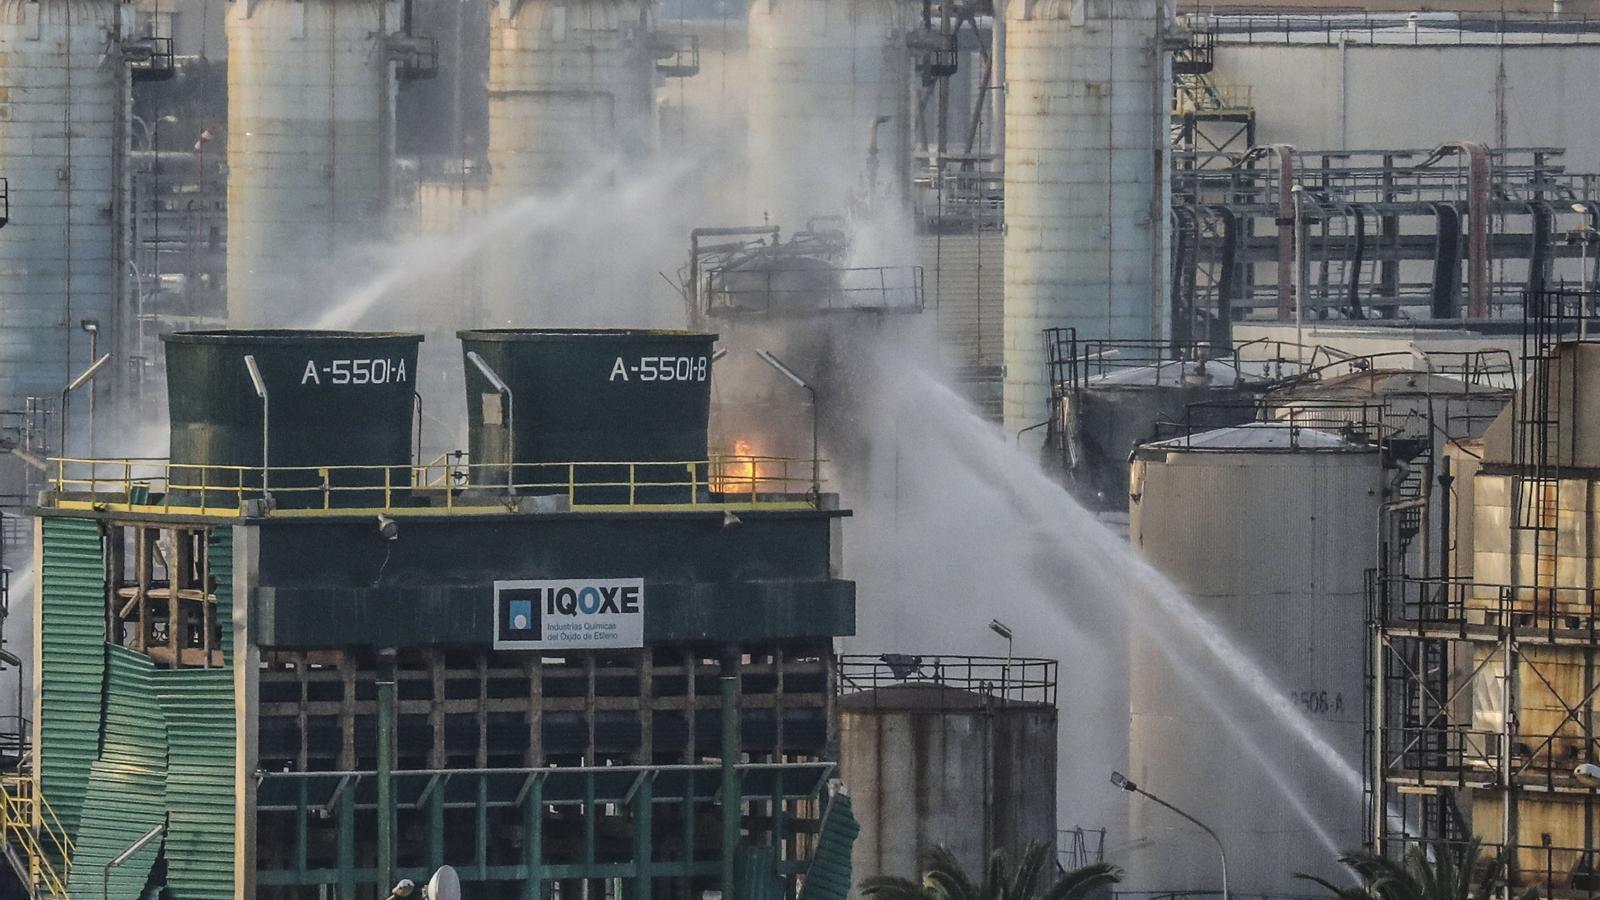 Els bombers treballant en l'extinció de l'incendi a l'empresa Iqoxe de la Canonja